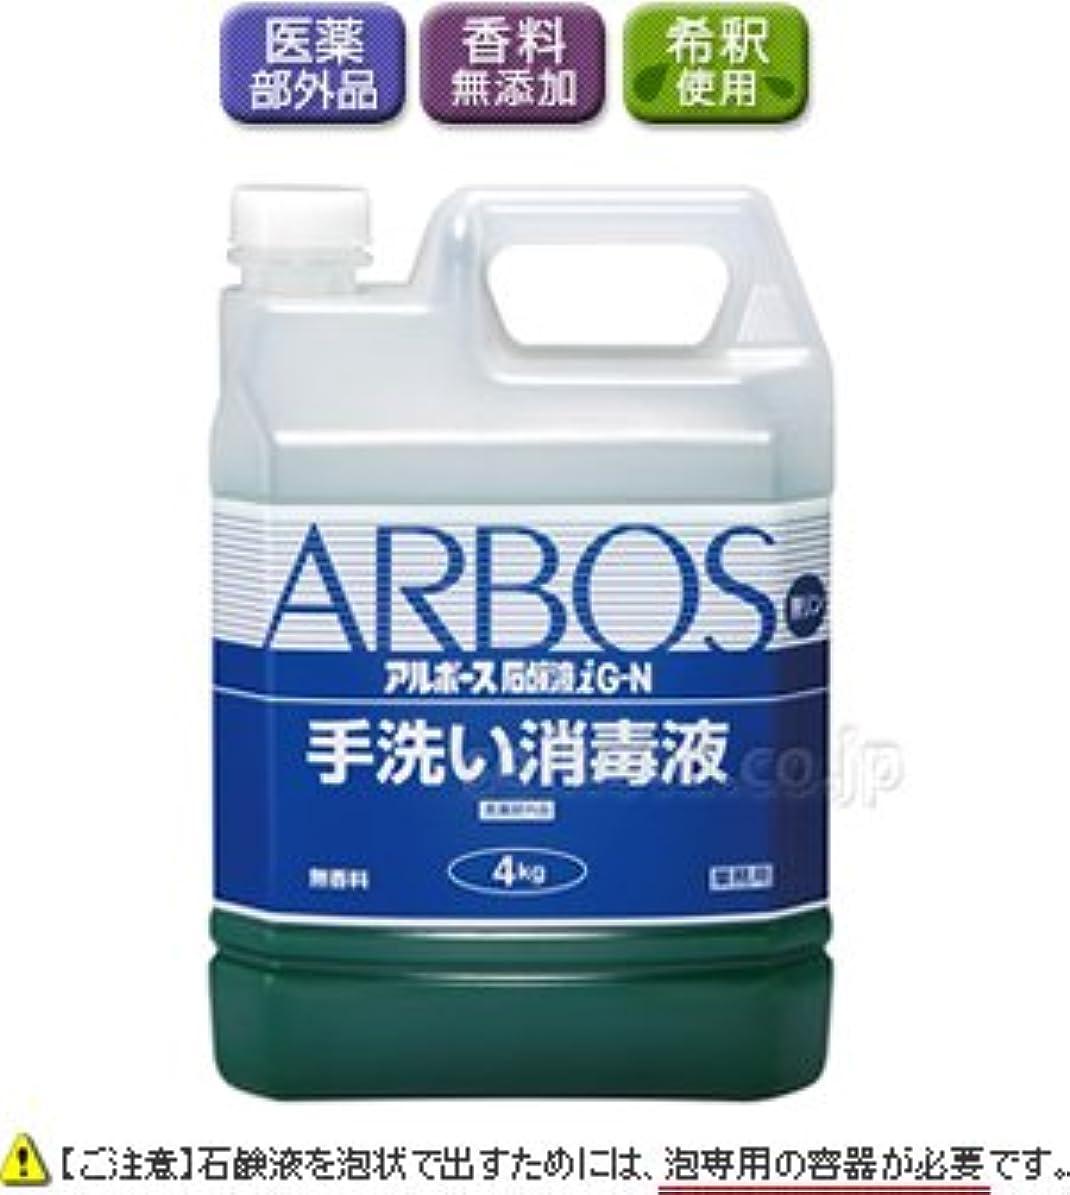 パズル汚すコントラスト【清潔キレイ館】アルボース石鹸液iG-N(4kg×1本)